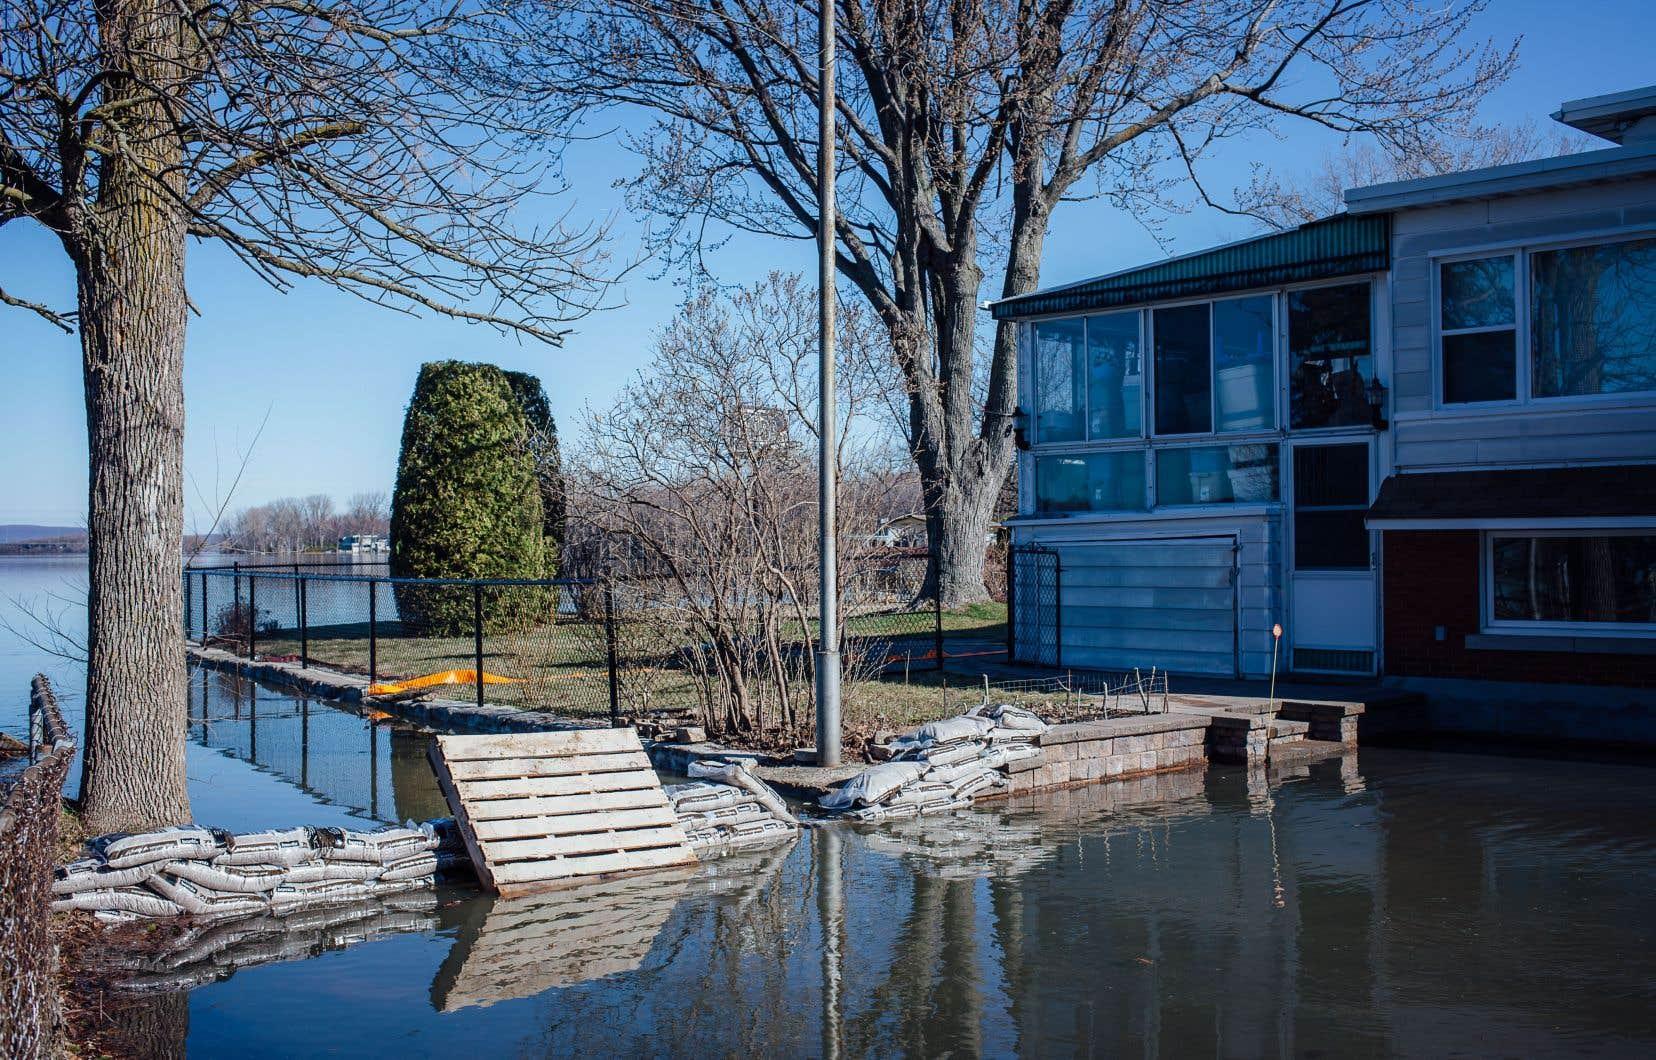 Comme tant d'autres municipalités riveraines, Sainte-Anne-de-Bellevue a vécu les affres de la crue printannière.